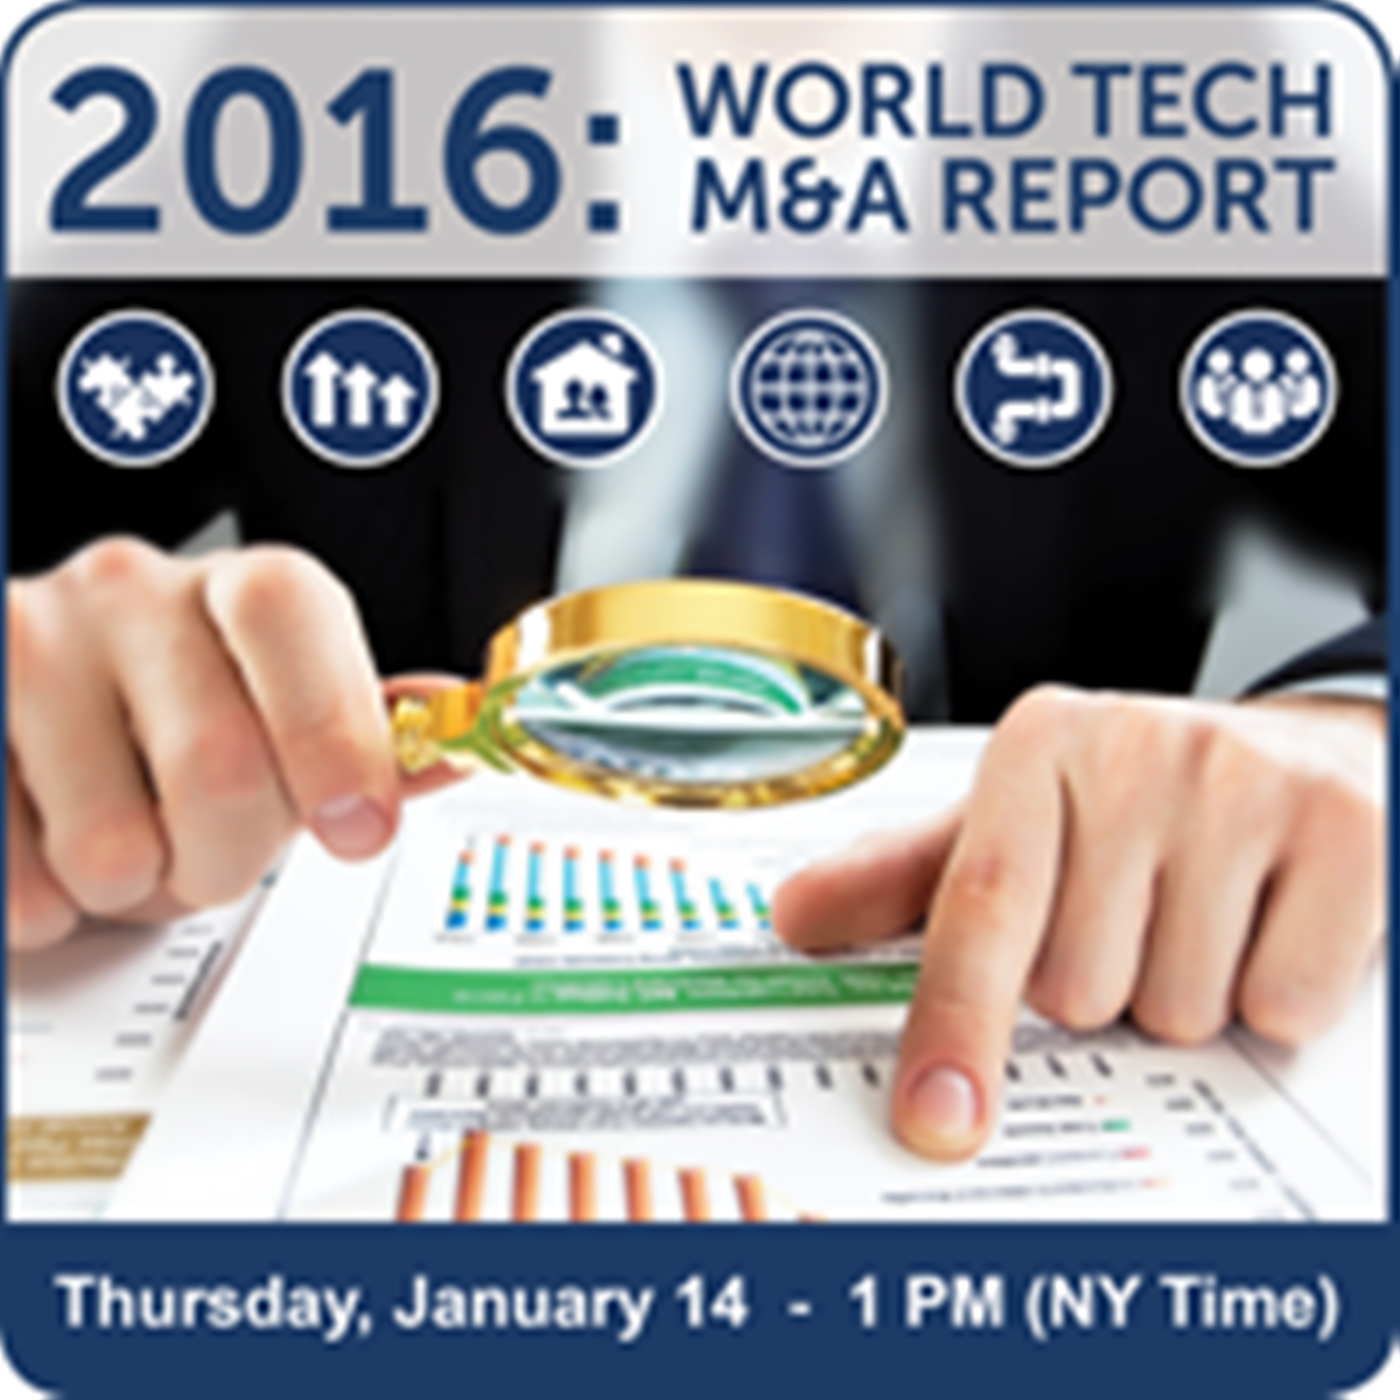 Tech M&A Annual Report: Q&A - Omni-Channel Marketing